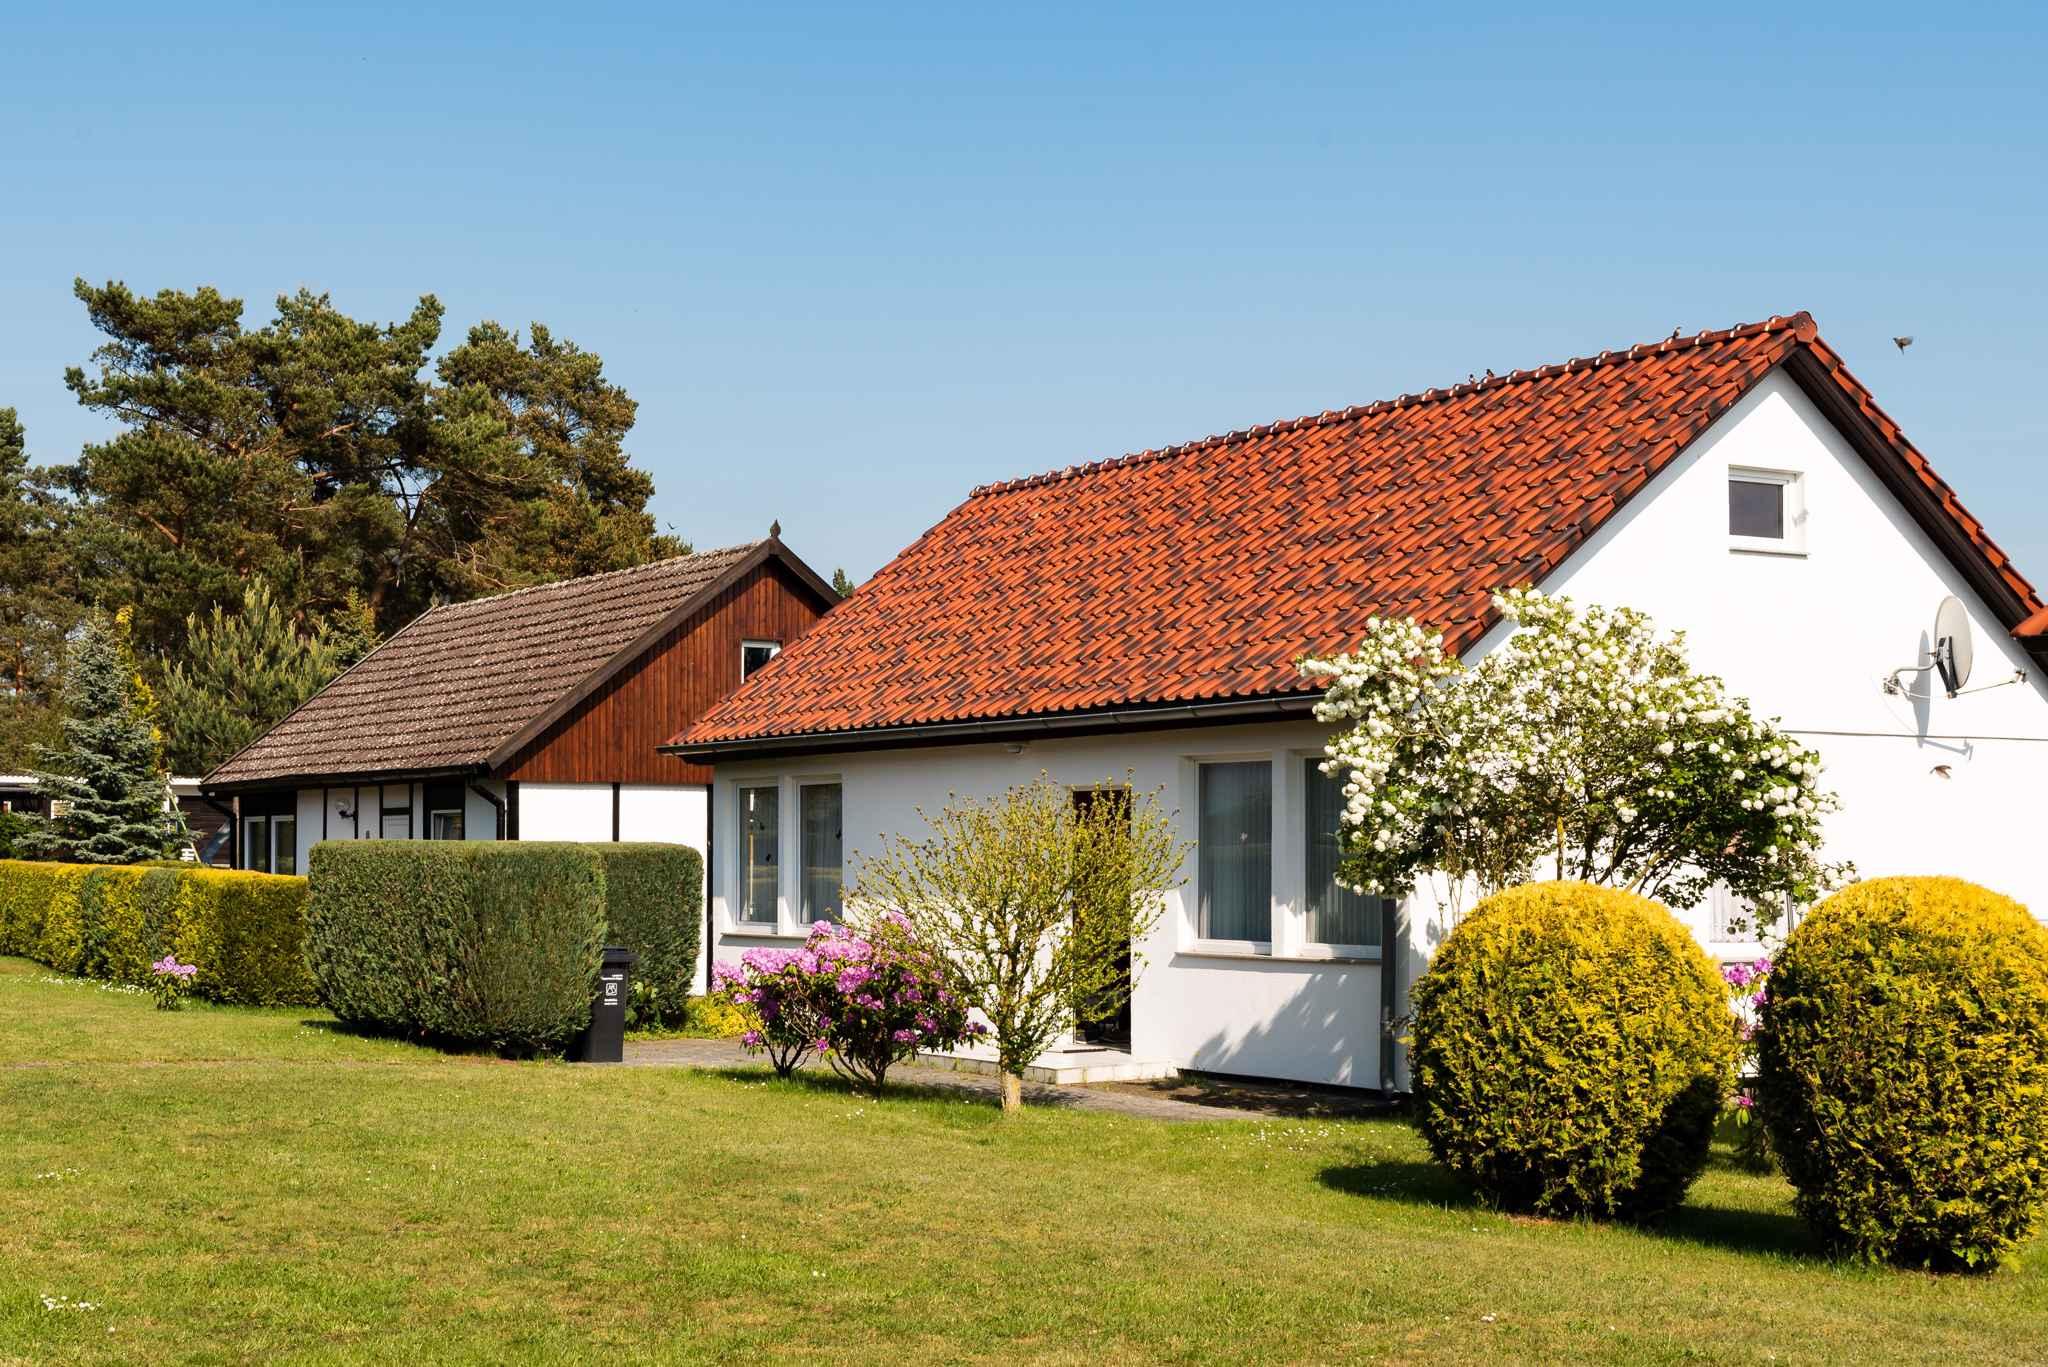 Ferienhaus Bungalow mit Terrasse und Garten (356736), Fuhlendorf, Ostseeküste Mecklenburg-Vorpommern, Mecklenburg-Vorpommern, Deutschland, Bild 20